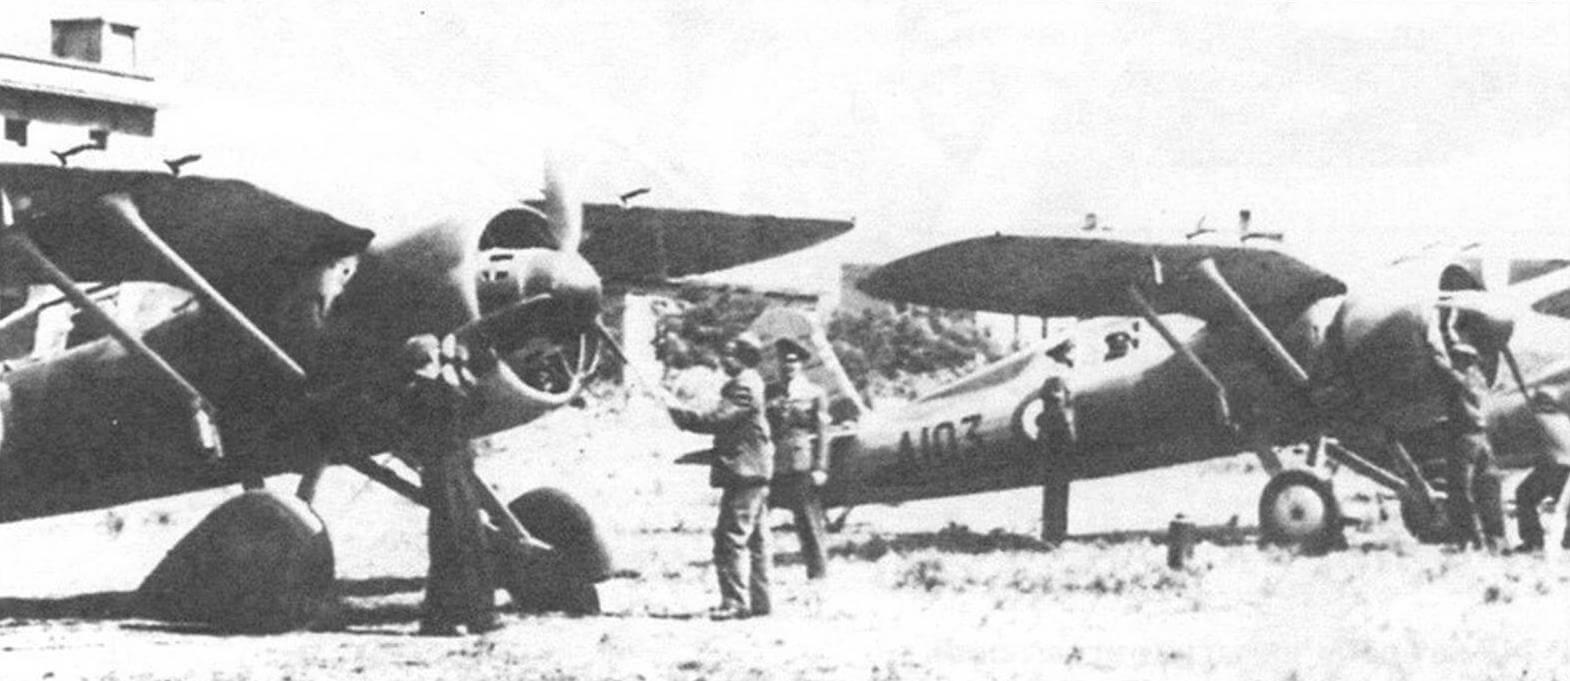 Истребители греческих ВВС на аэродроме, конец 1940 г.